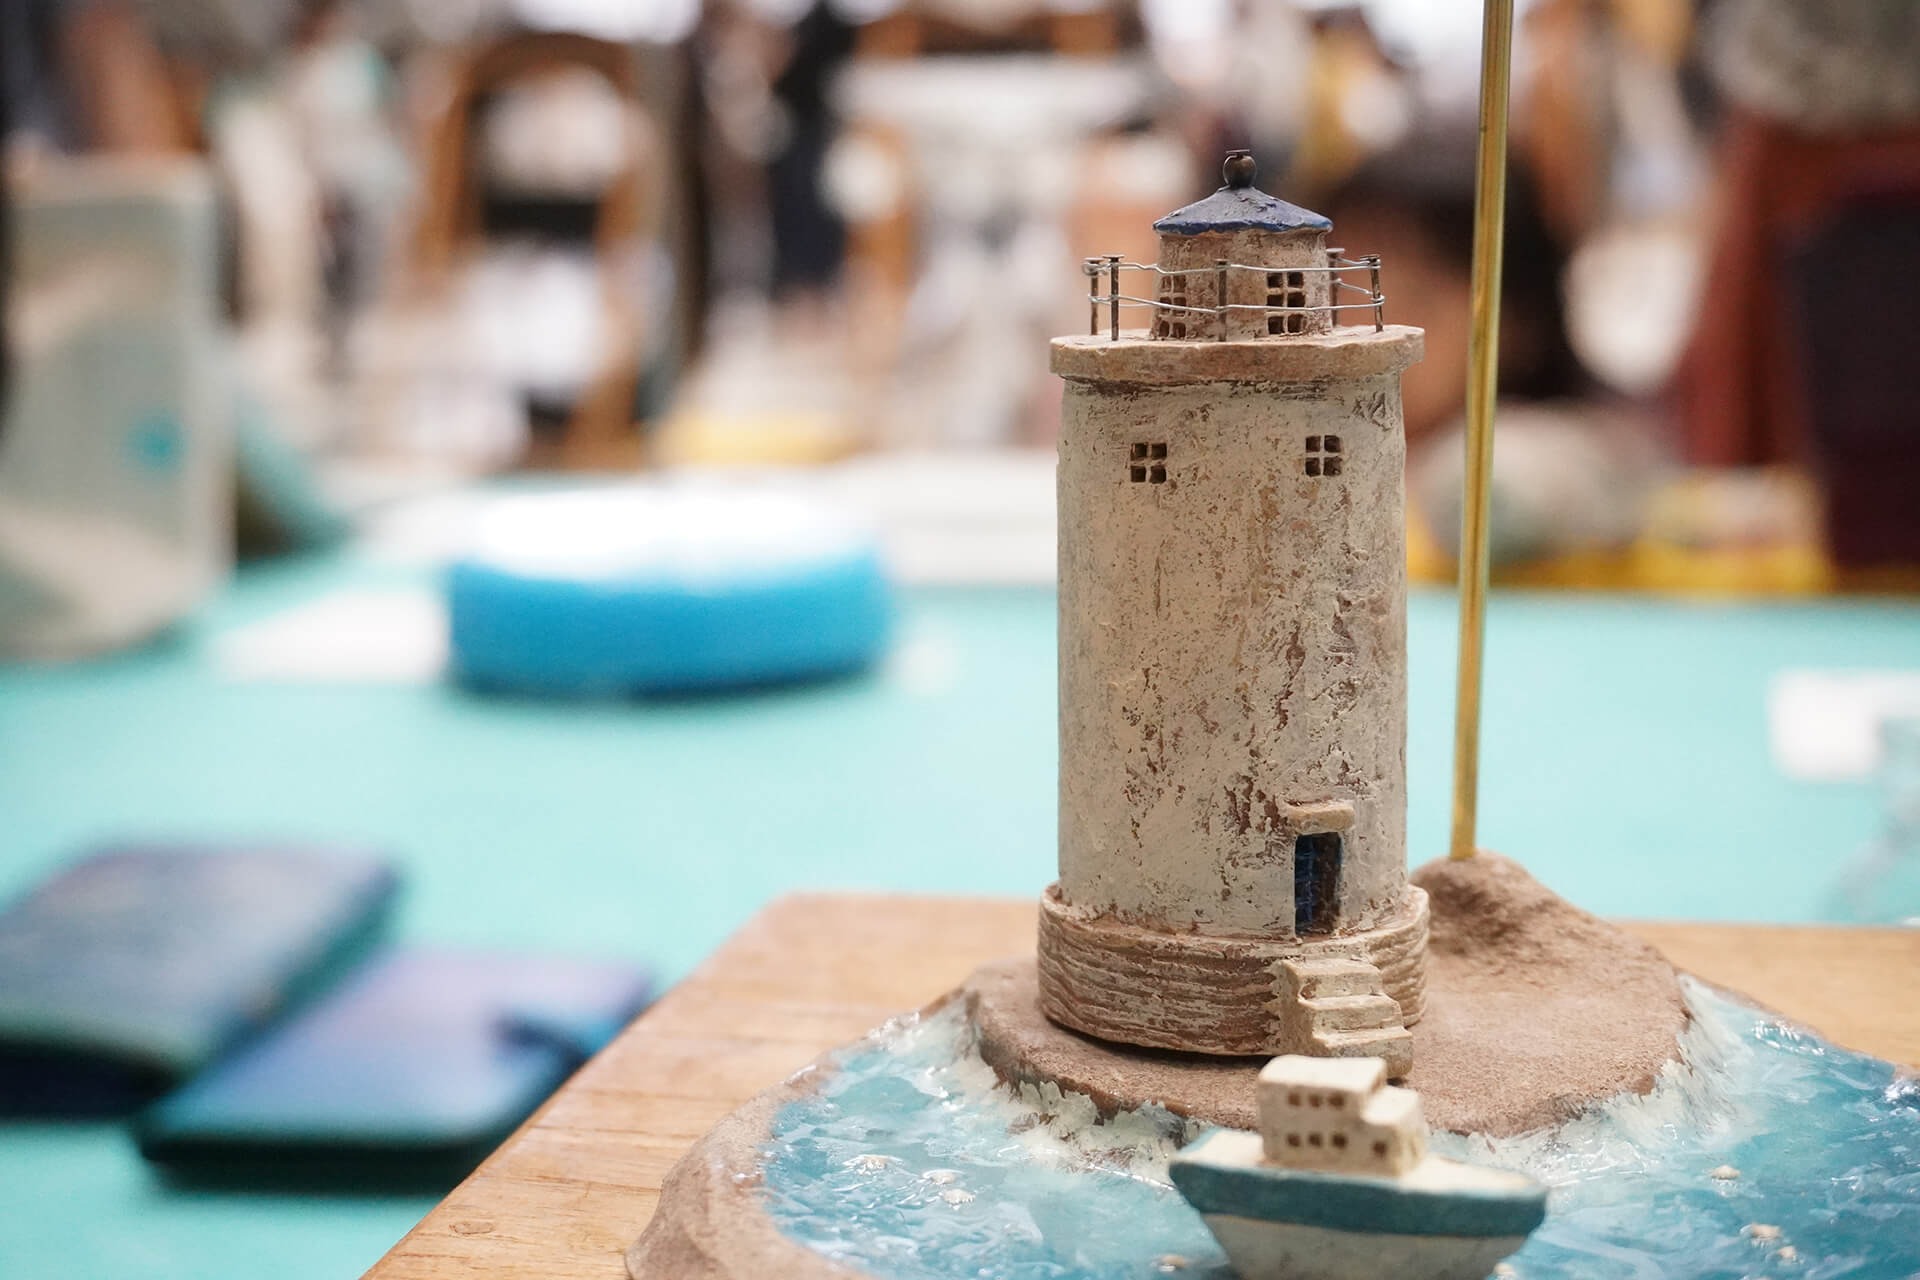 この写真はハンドメイドインジャパンにあった特別企画展の出展物。灯台です